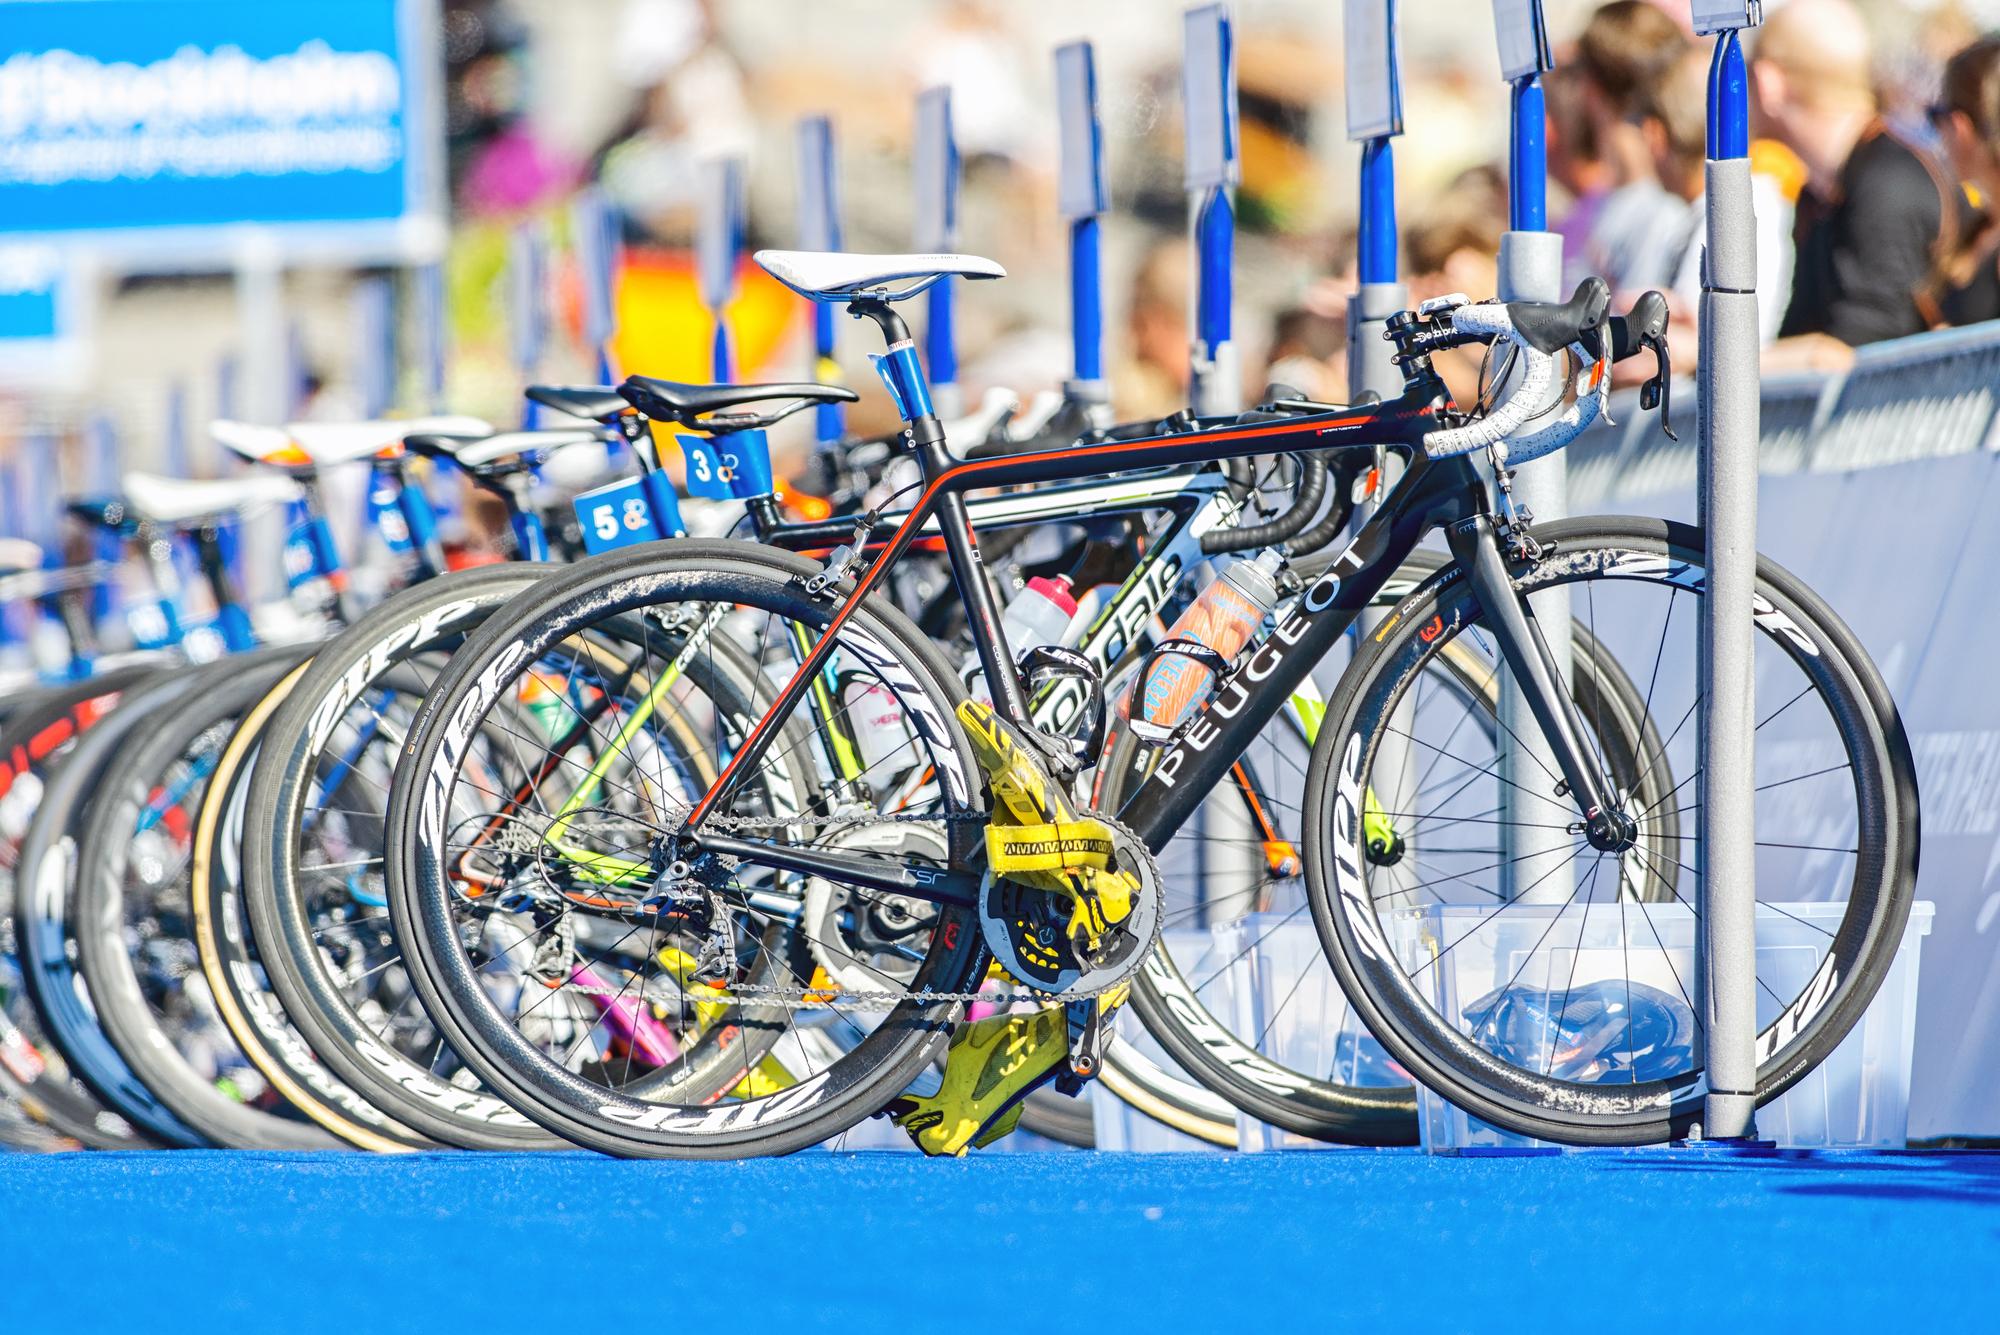 Road Bike wheels on a row